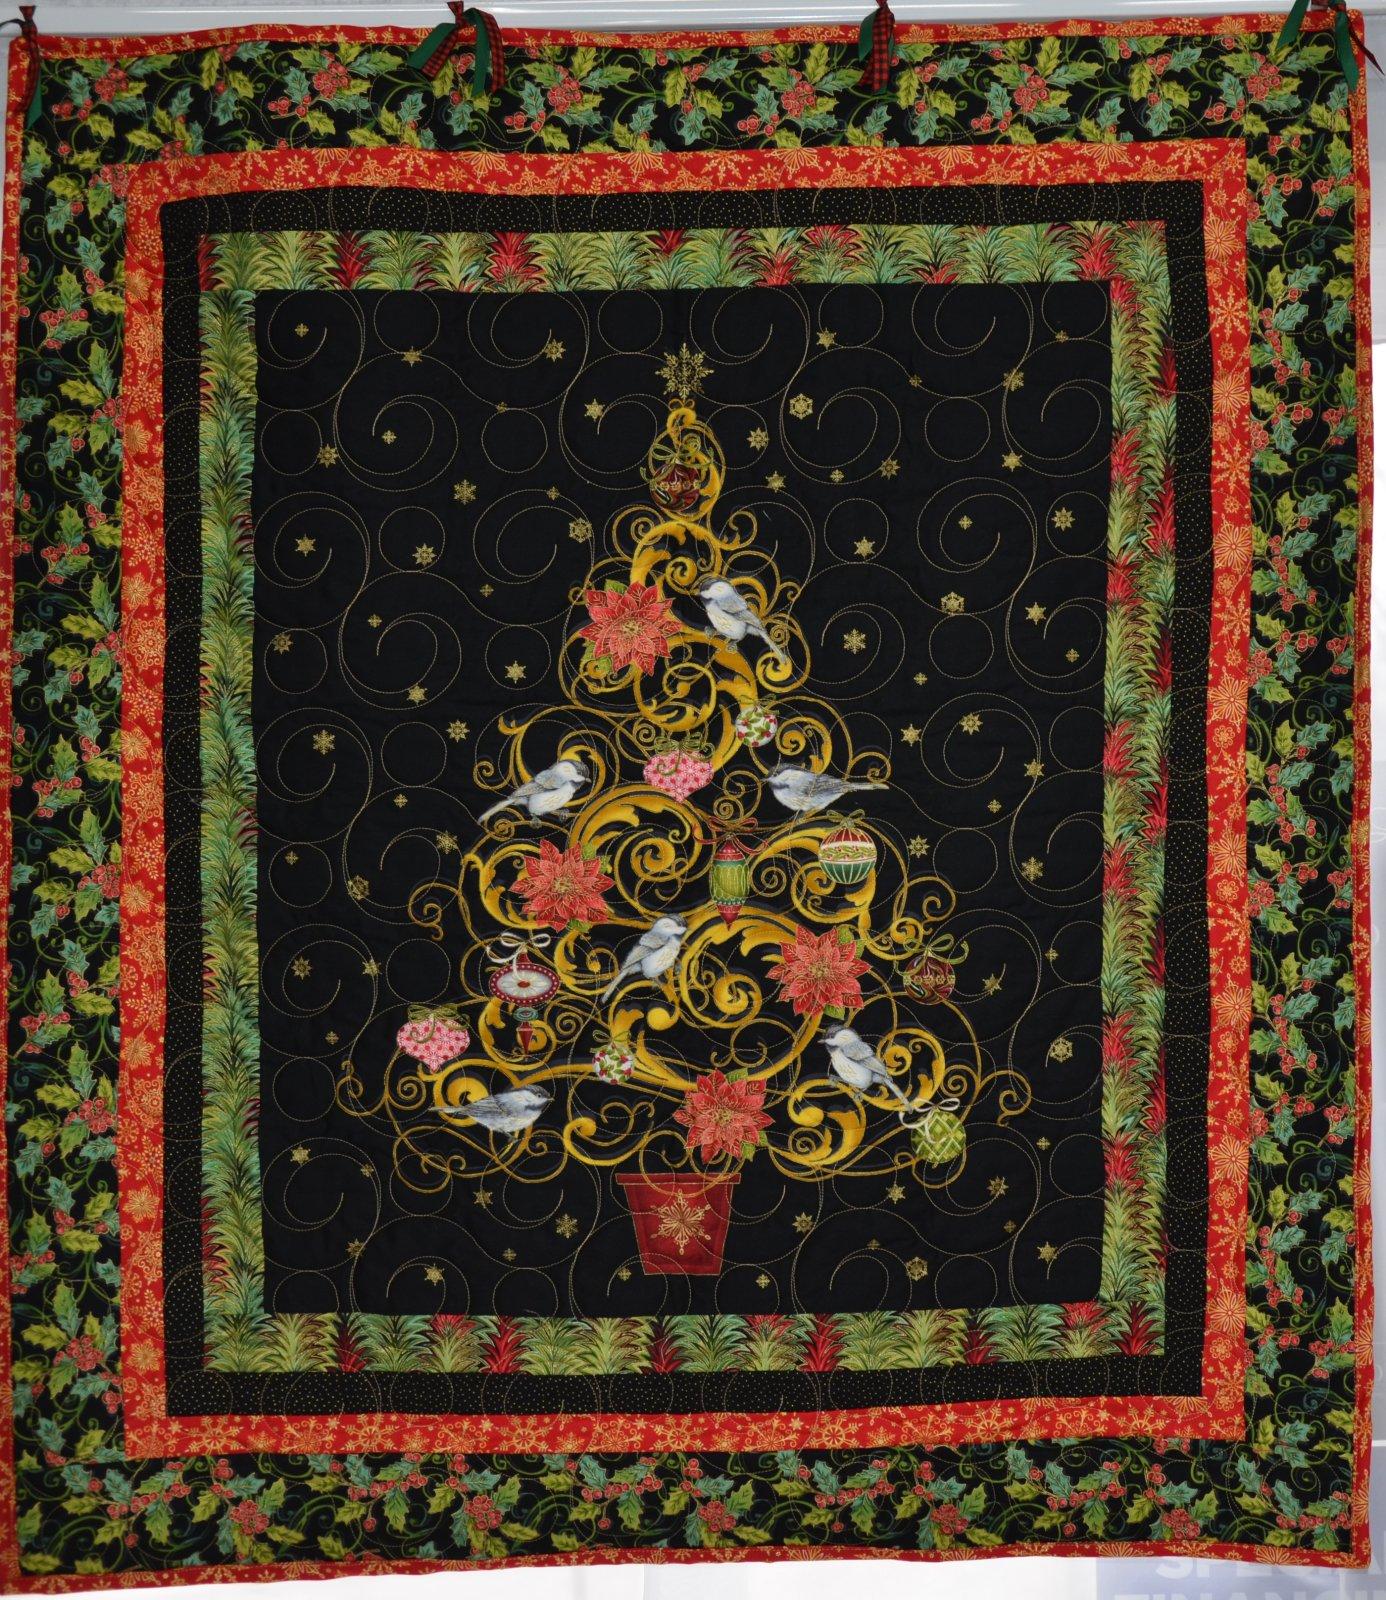 Christmas Joy Wall Hanging 35 x 39